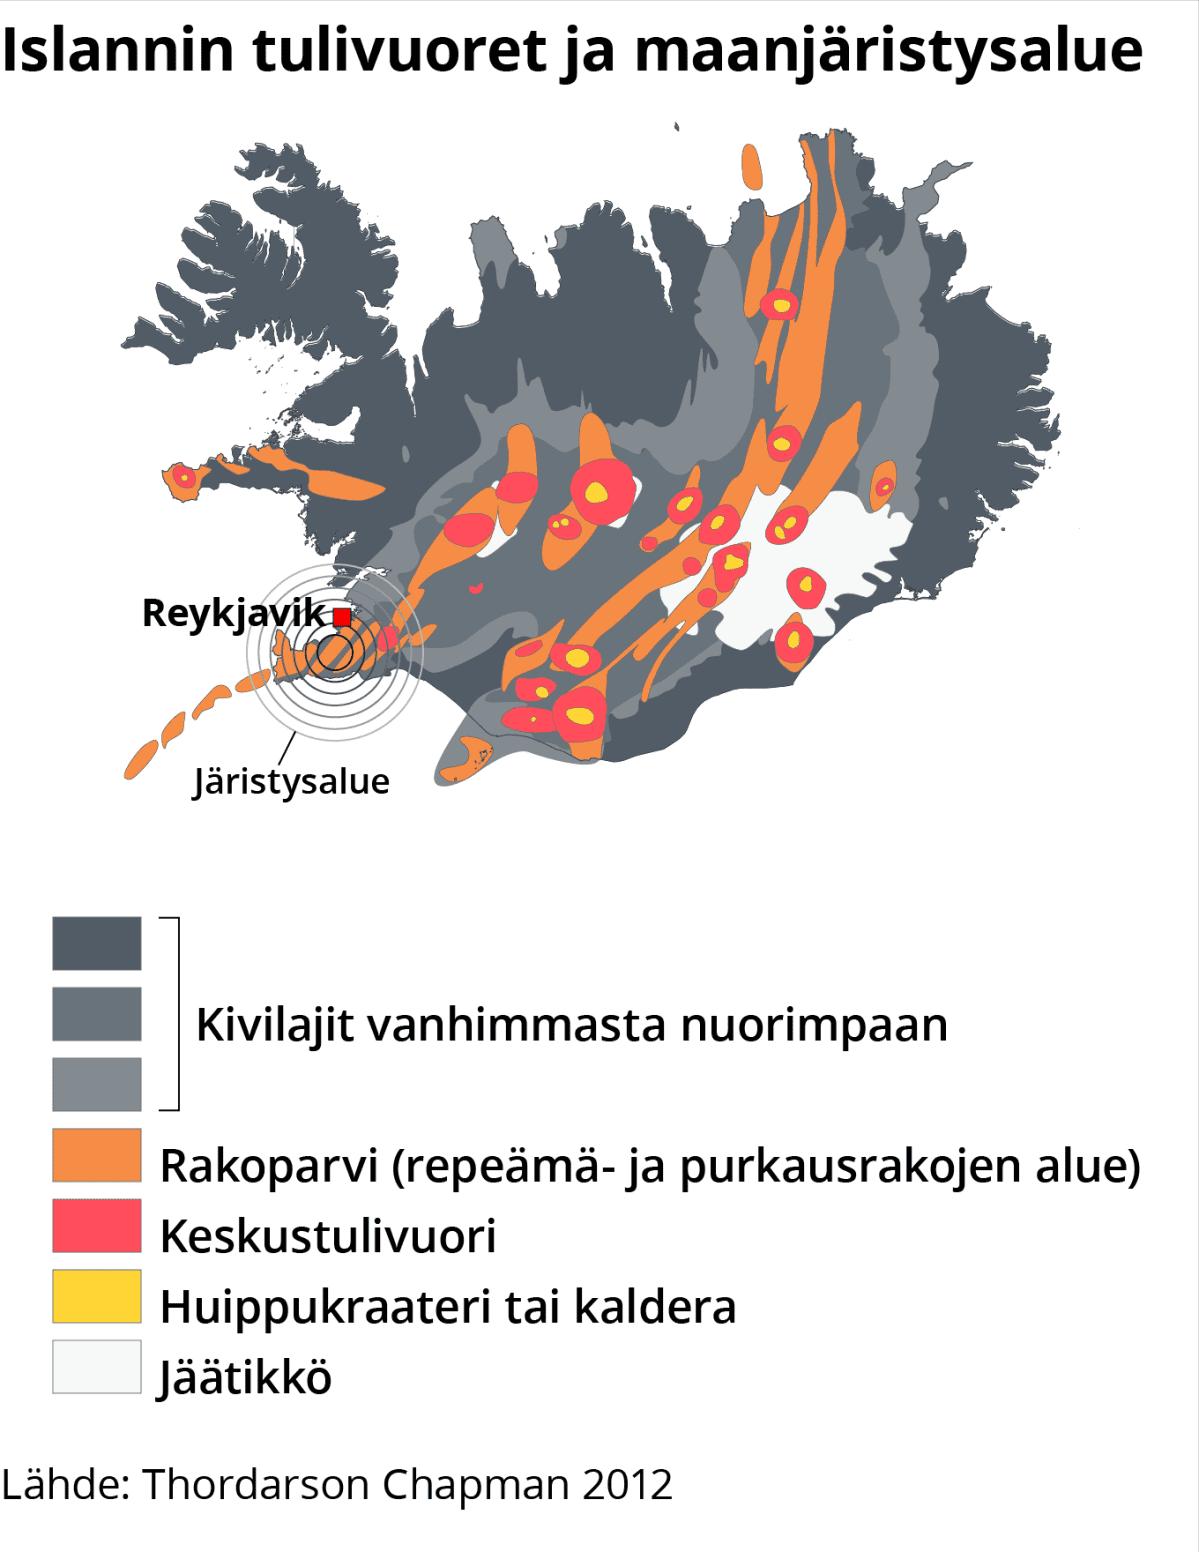 Infokartta Islannin tulivuorista ja maanjäristysalueista.